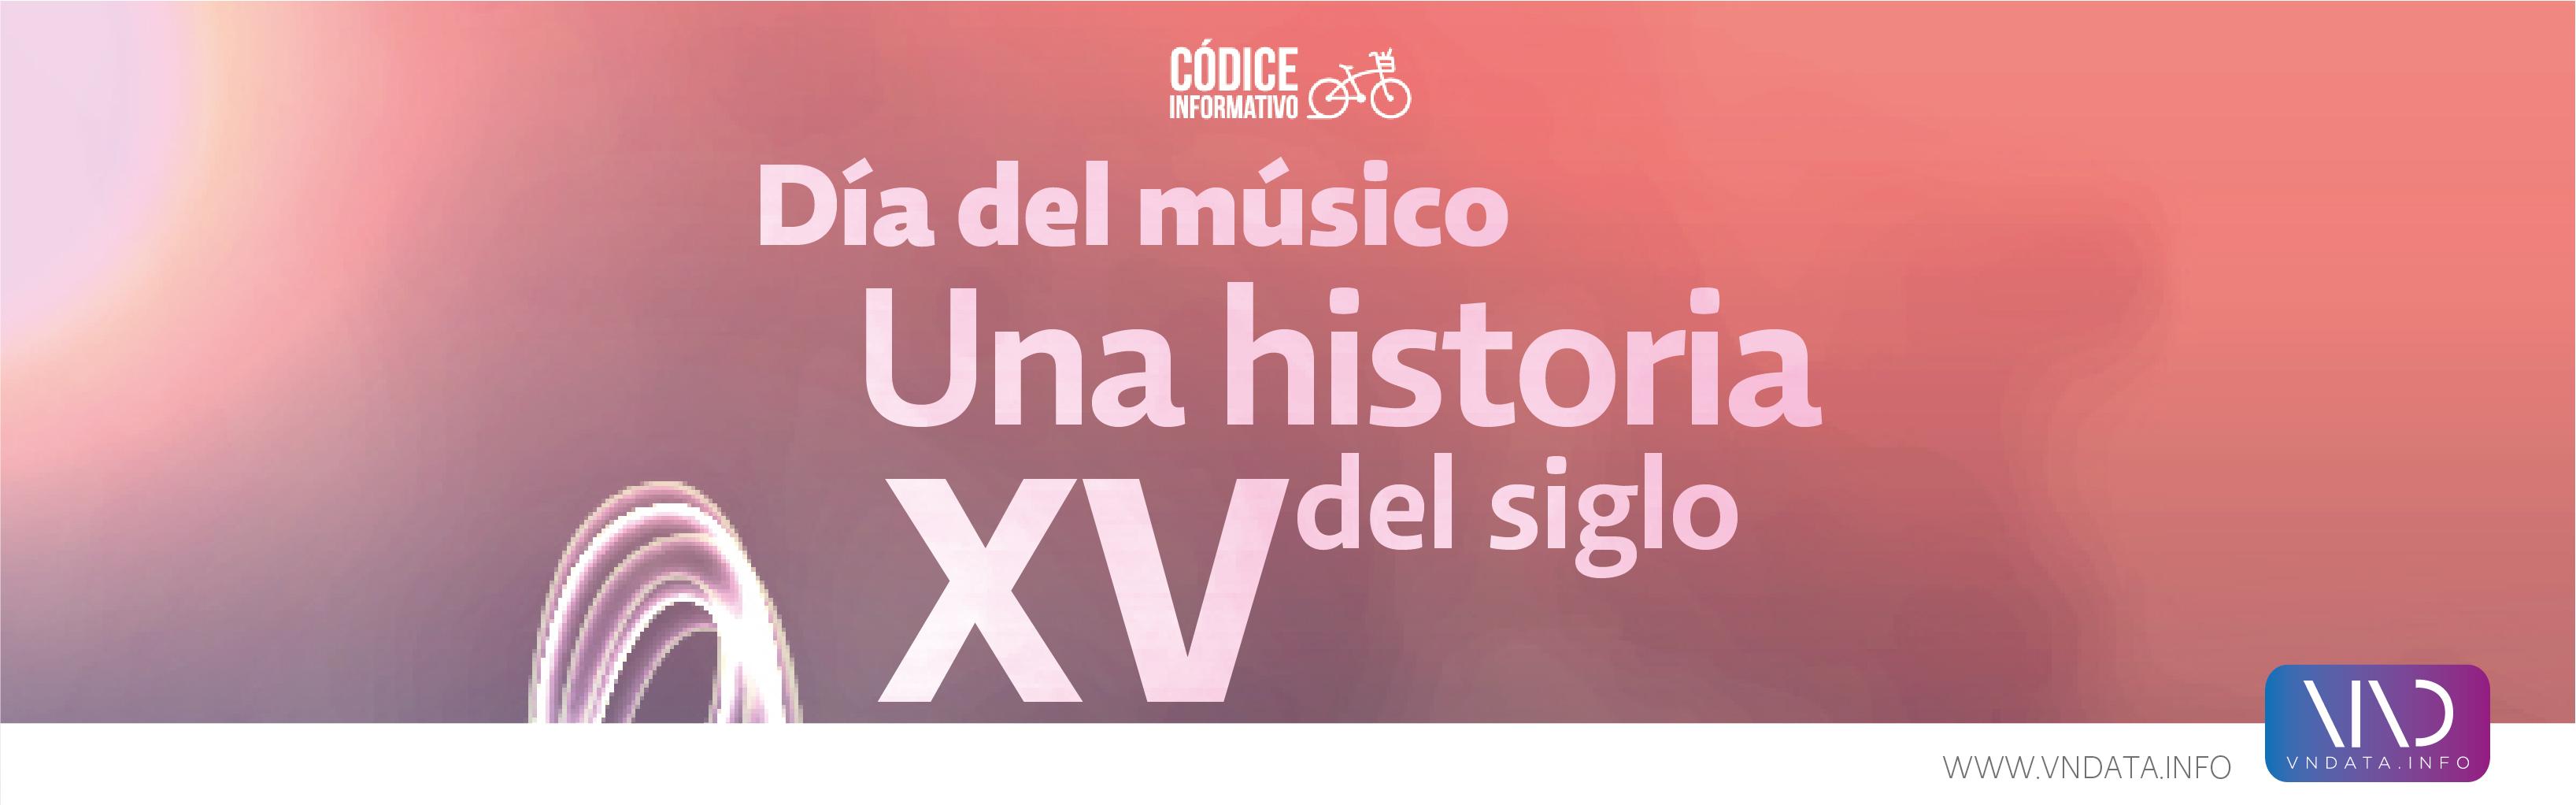 Día del músico, una historia del siglo XV